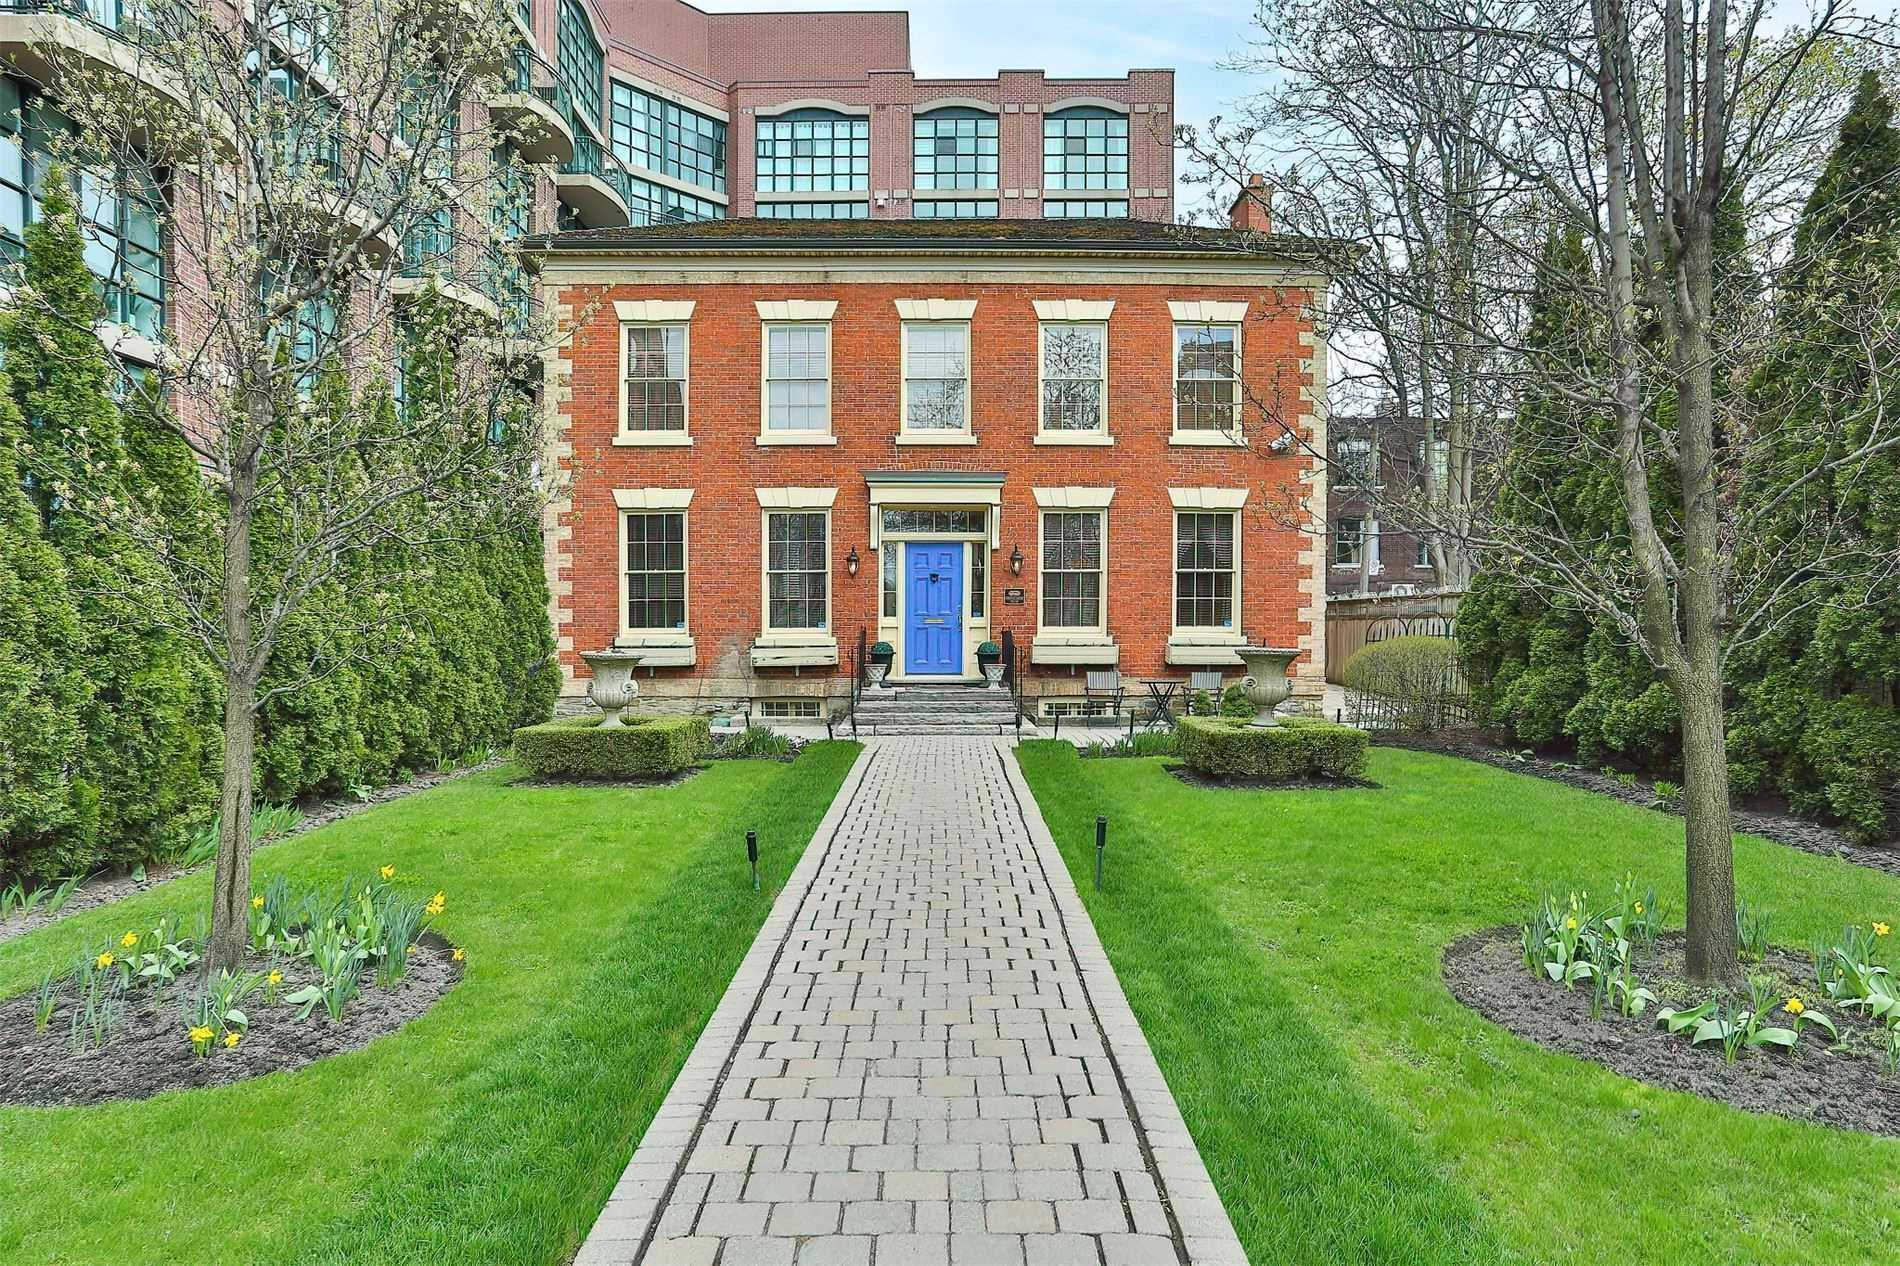 905 Queen St W - Trinity-Bellwoods Detached for sale, 1 Bedroom (C5409391) - #1